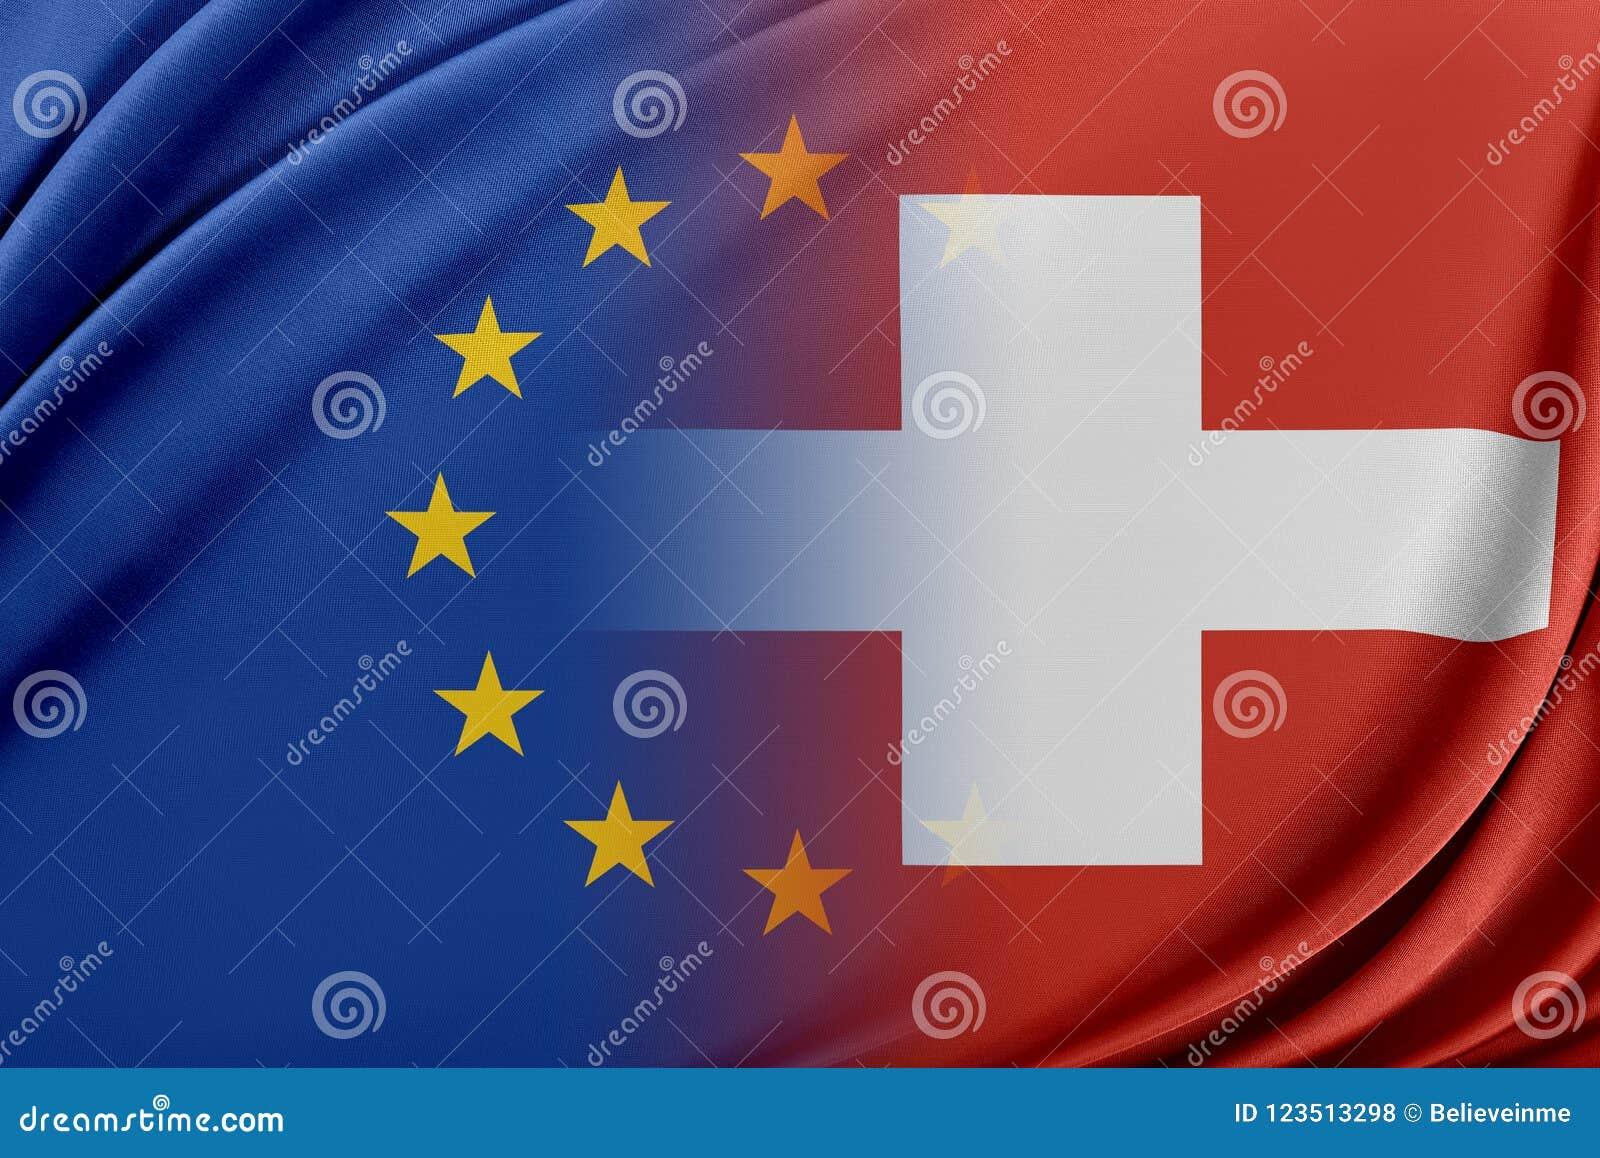 Europeisk union och Schweiz Begreppet av förhållandet mellan EU och Schweiz